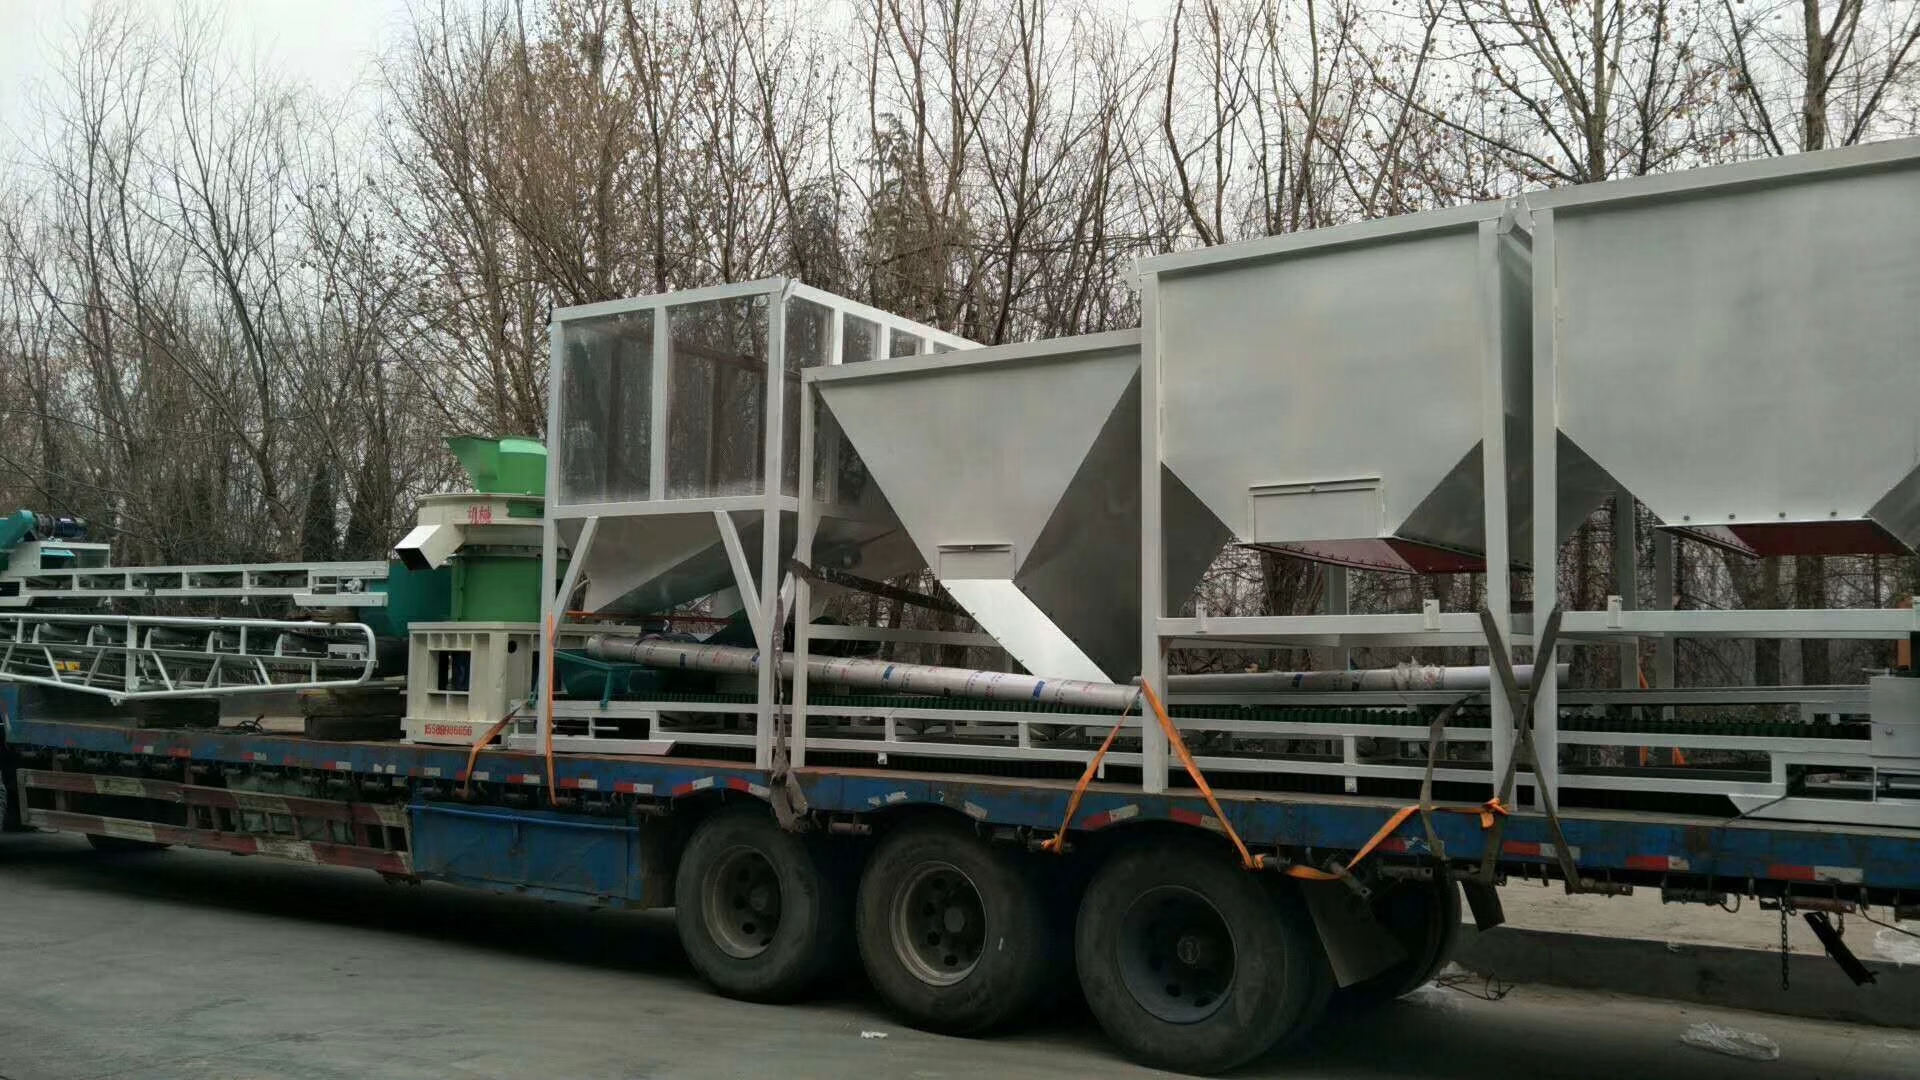 内蒙古海拉尔560木屑颗粒机生产线发货